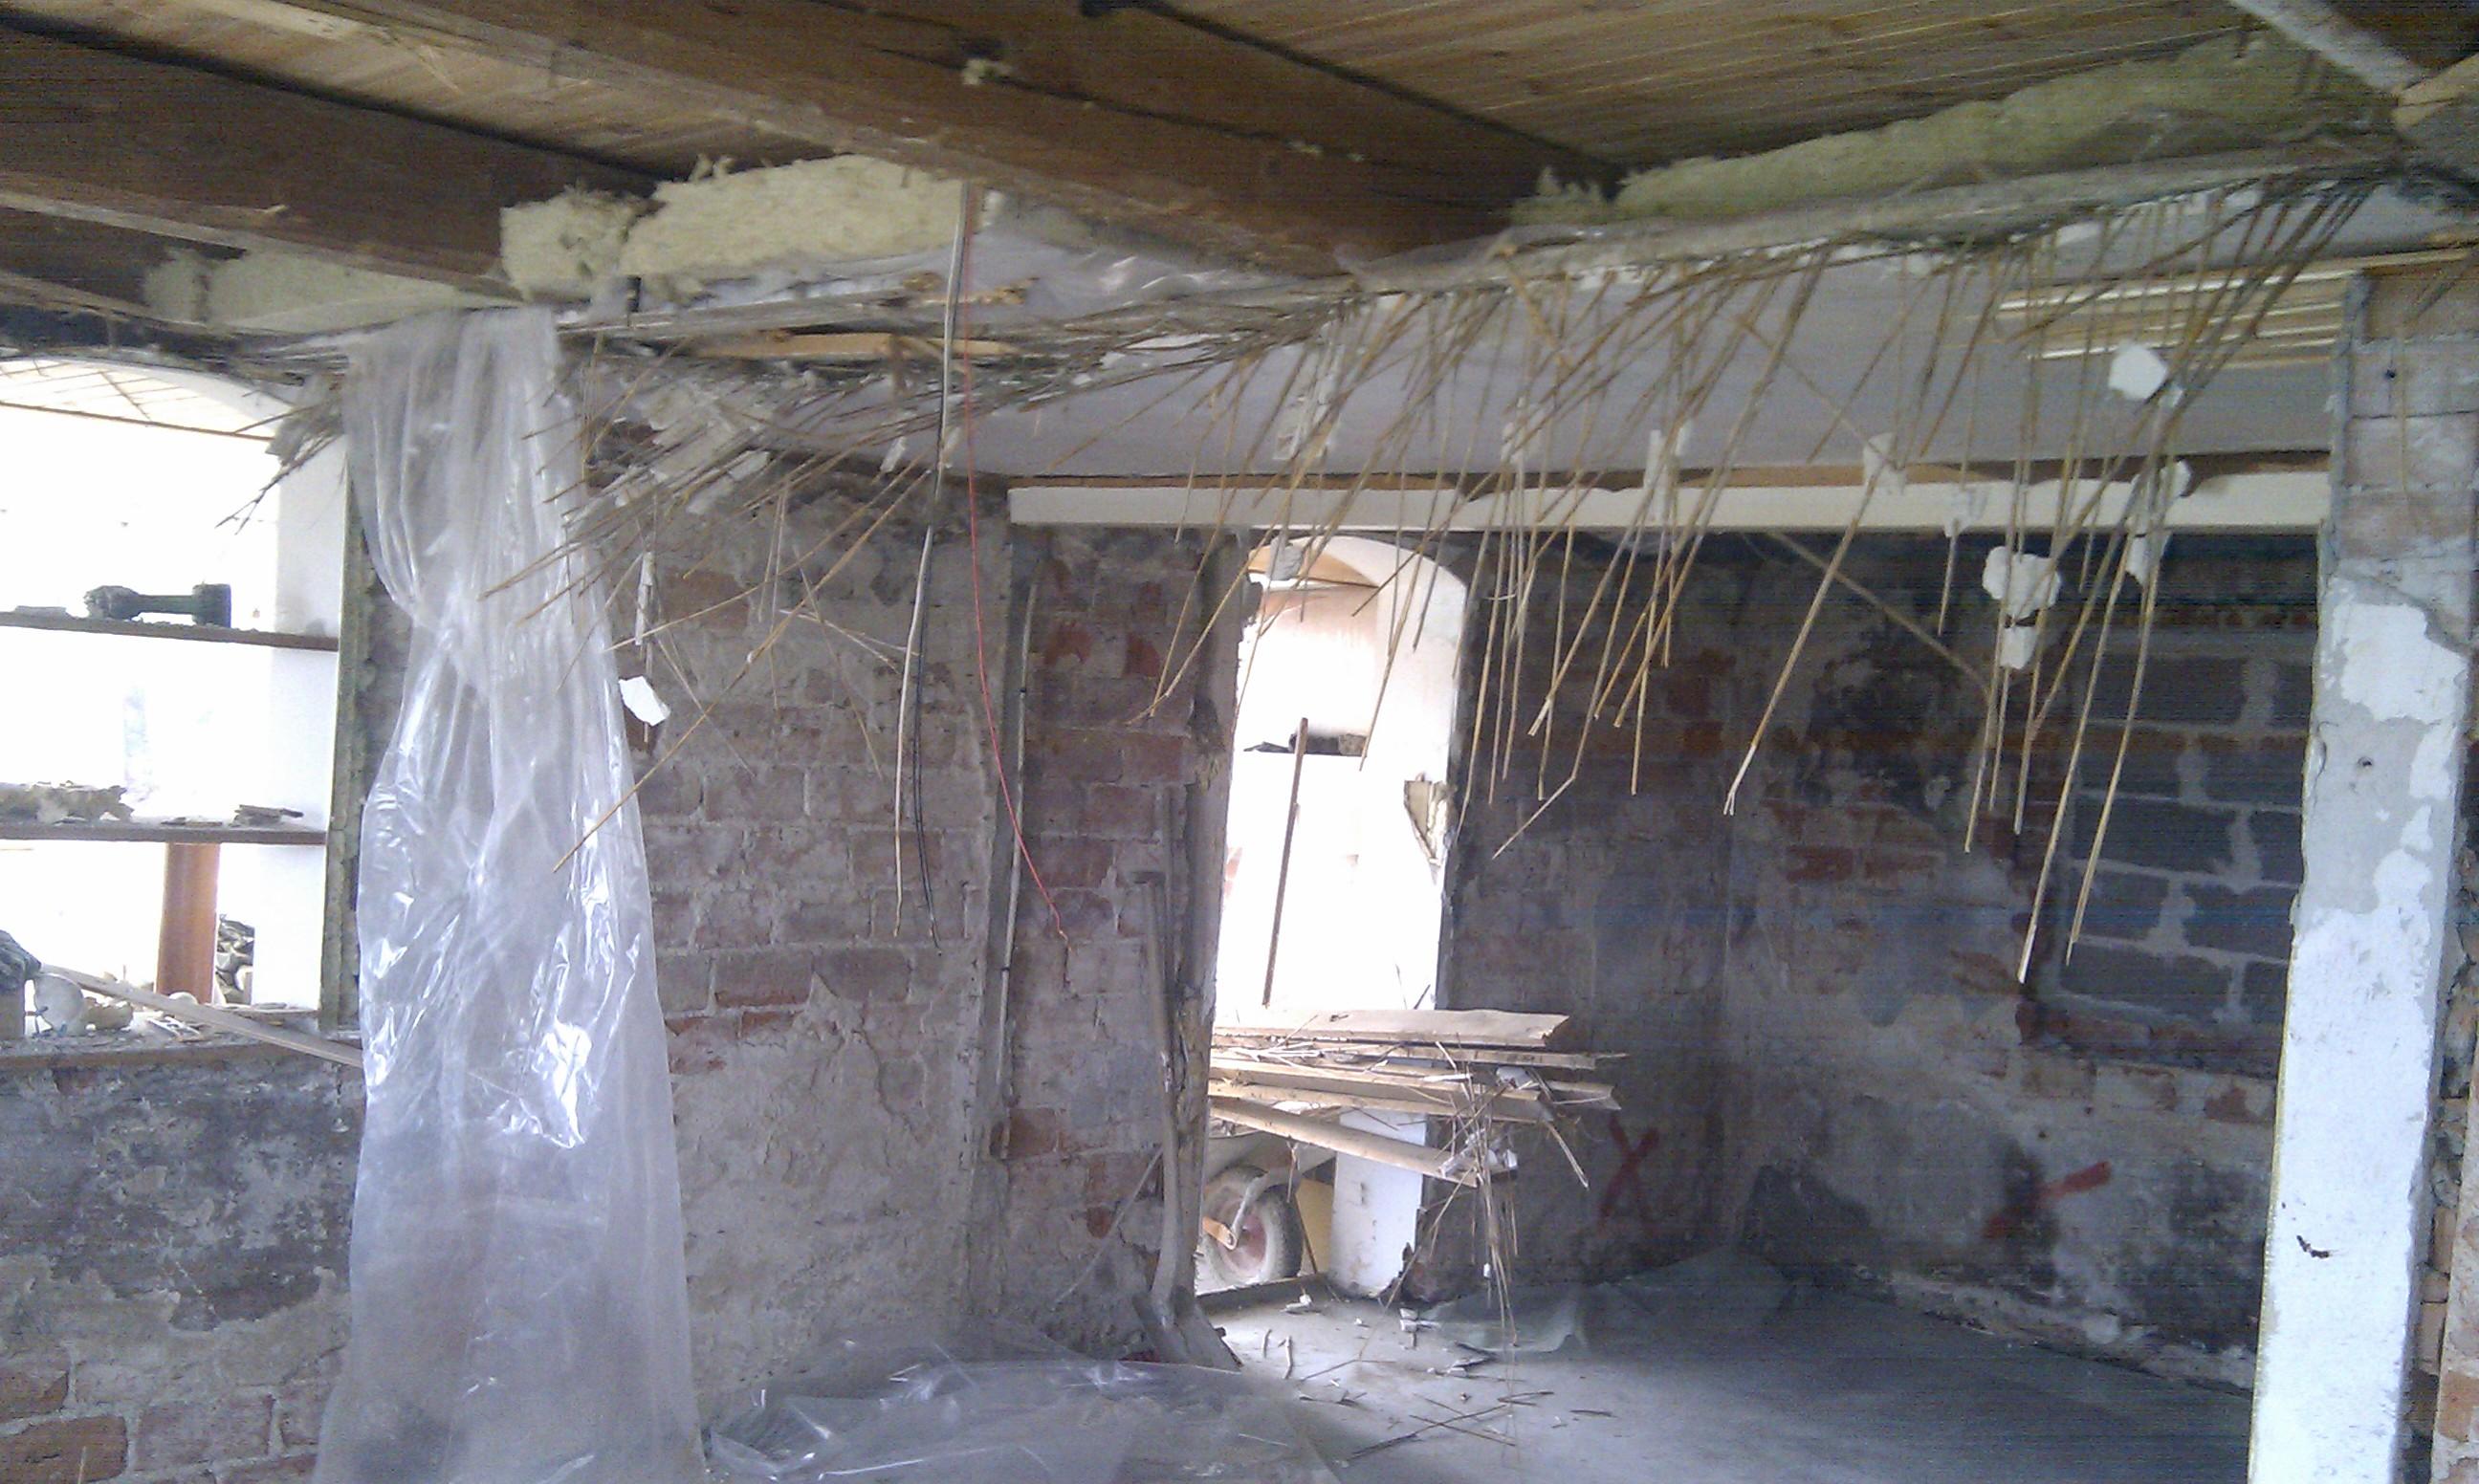 Loftet er næsten pillet ned